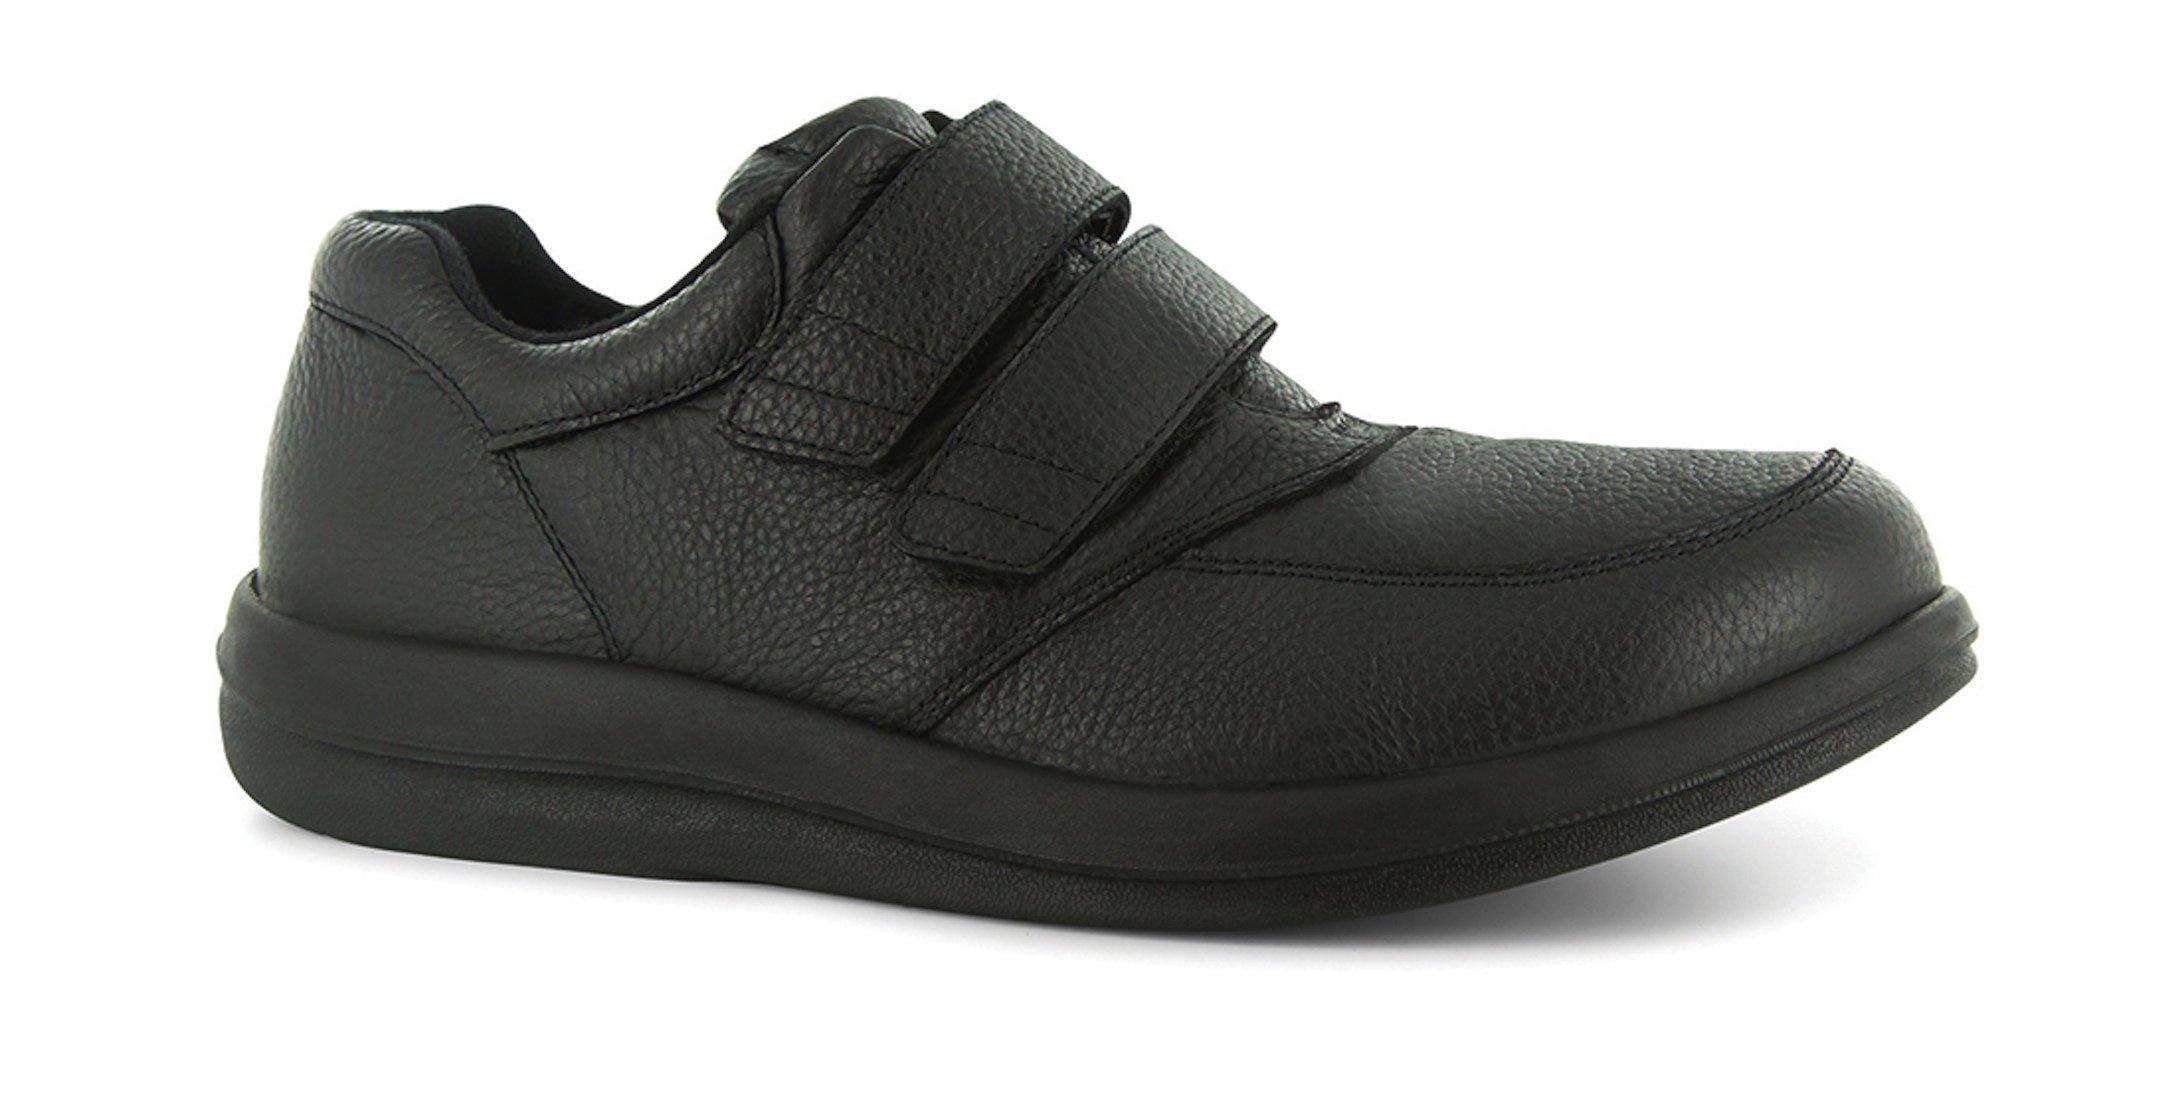 P W Minor Leisure Men's Therapeutic Extra Depth Shoe: Black 9 X-Wide (2E-3E) Velcro